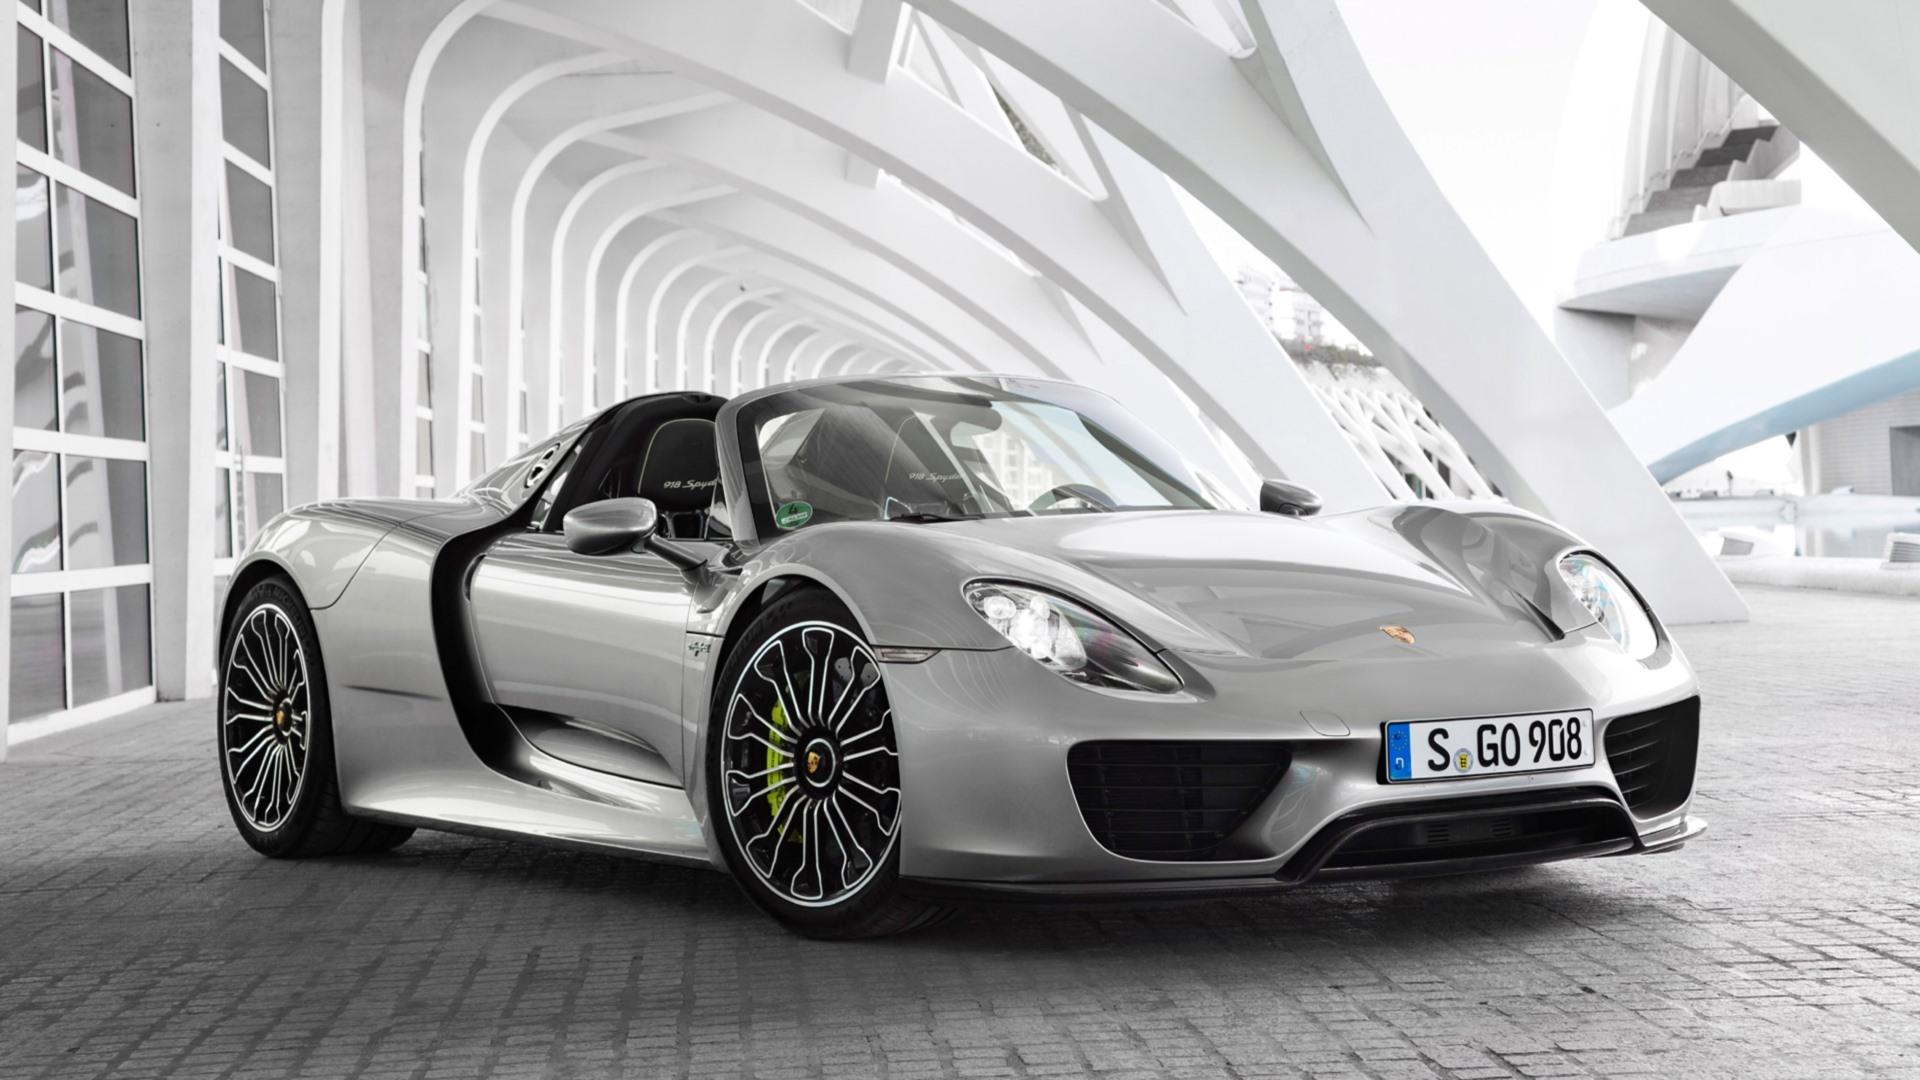 2014 Porsche 918 Spyder Fonds D 233 Cran Arri 232 Res Plan